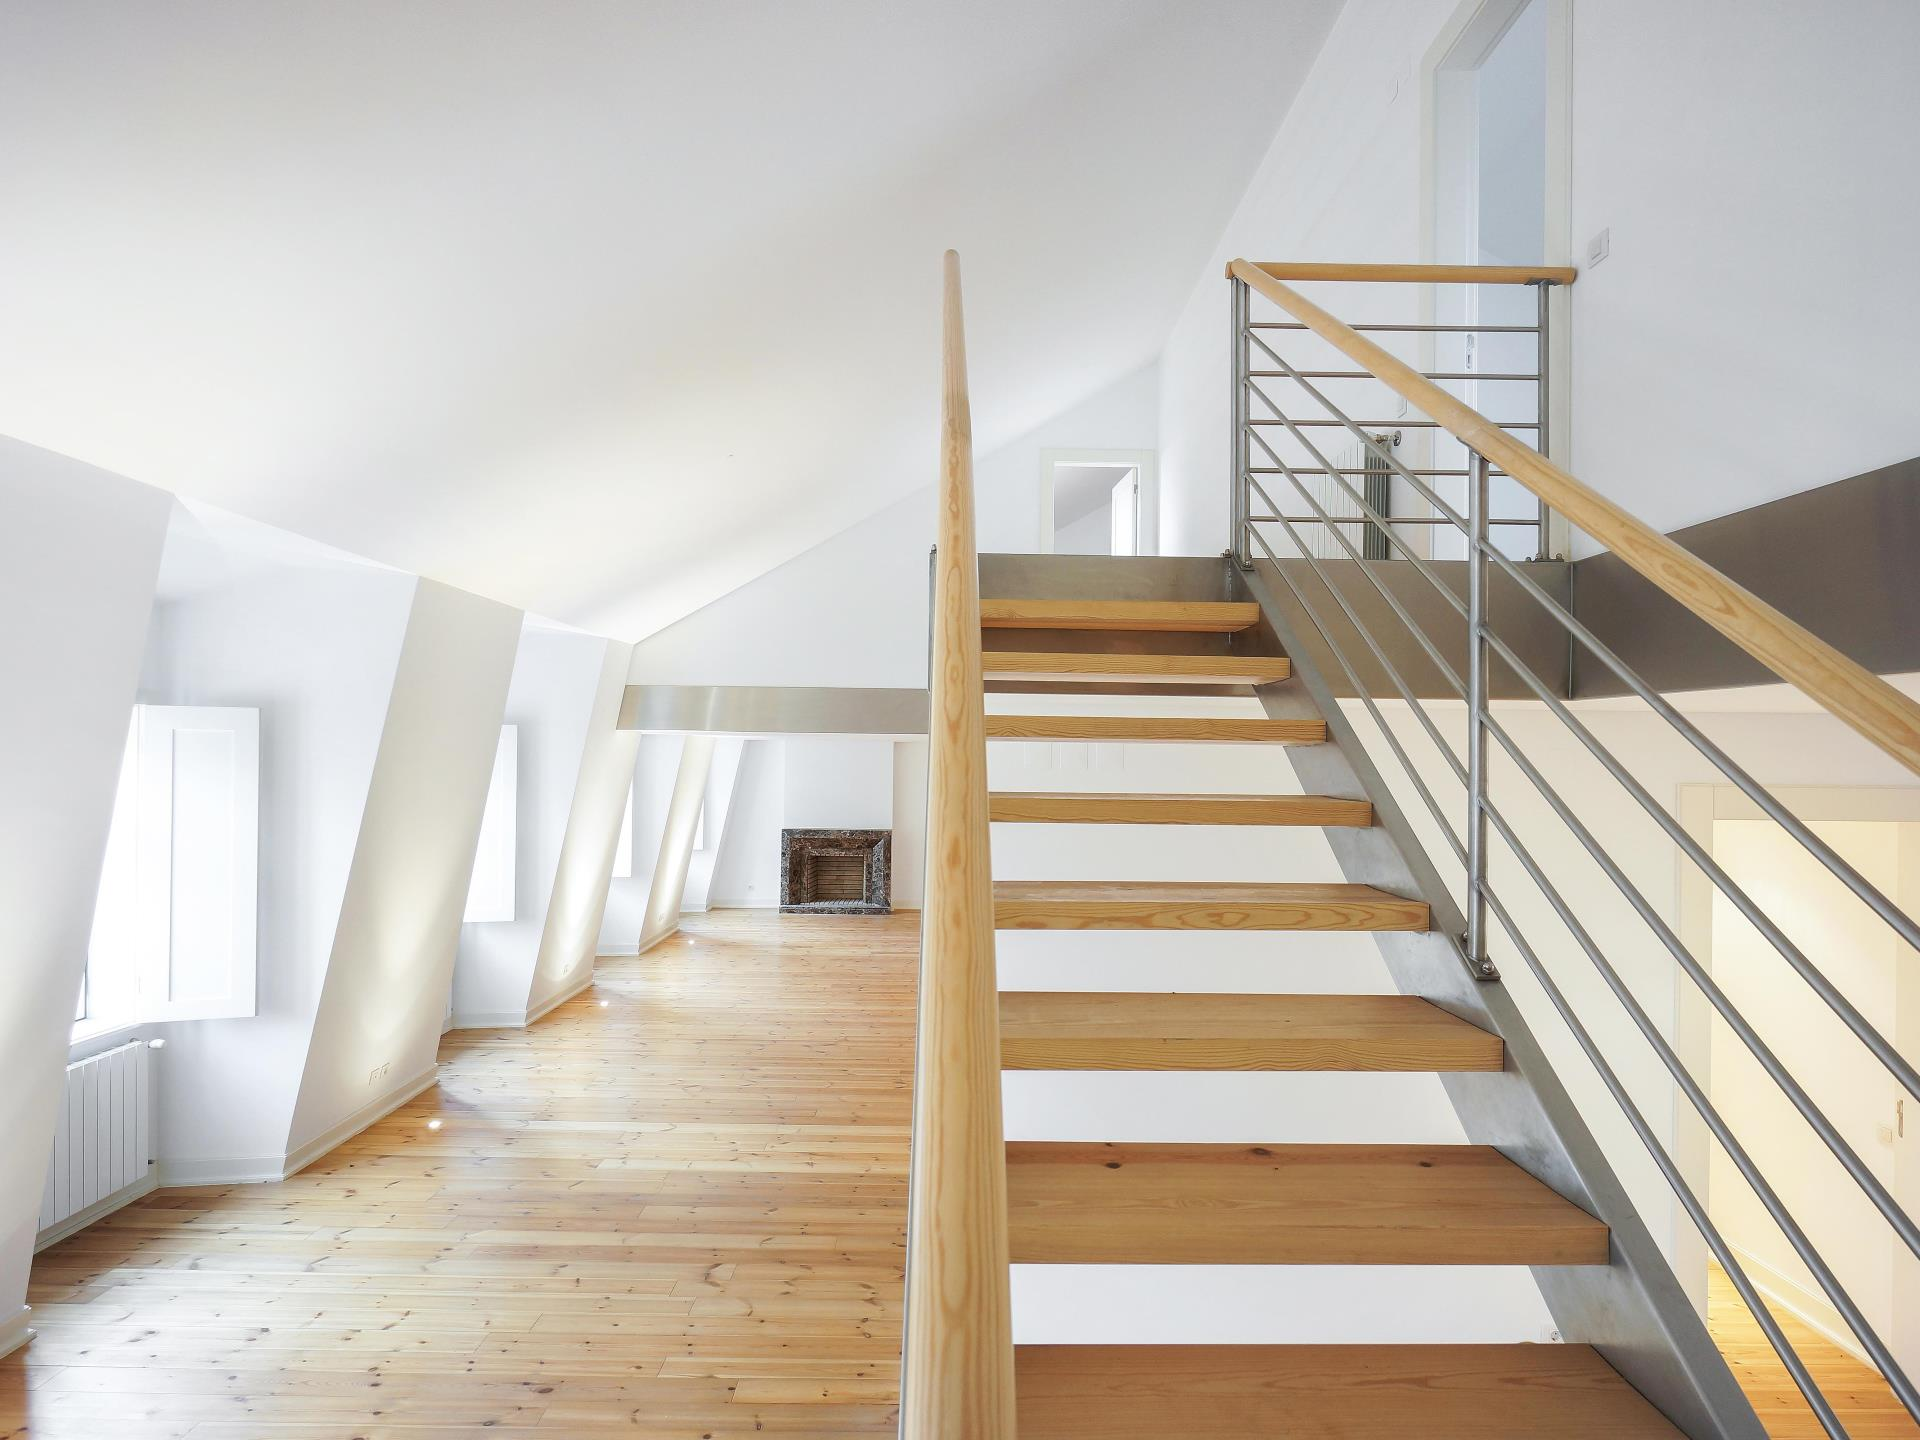 Duplex para Venda às Duplex, 5 bedrooms, for Sale Lisboa, Lisboa Portugal